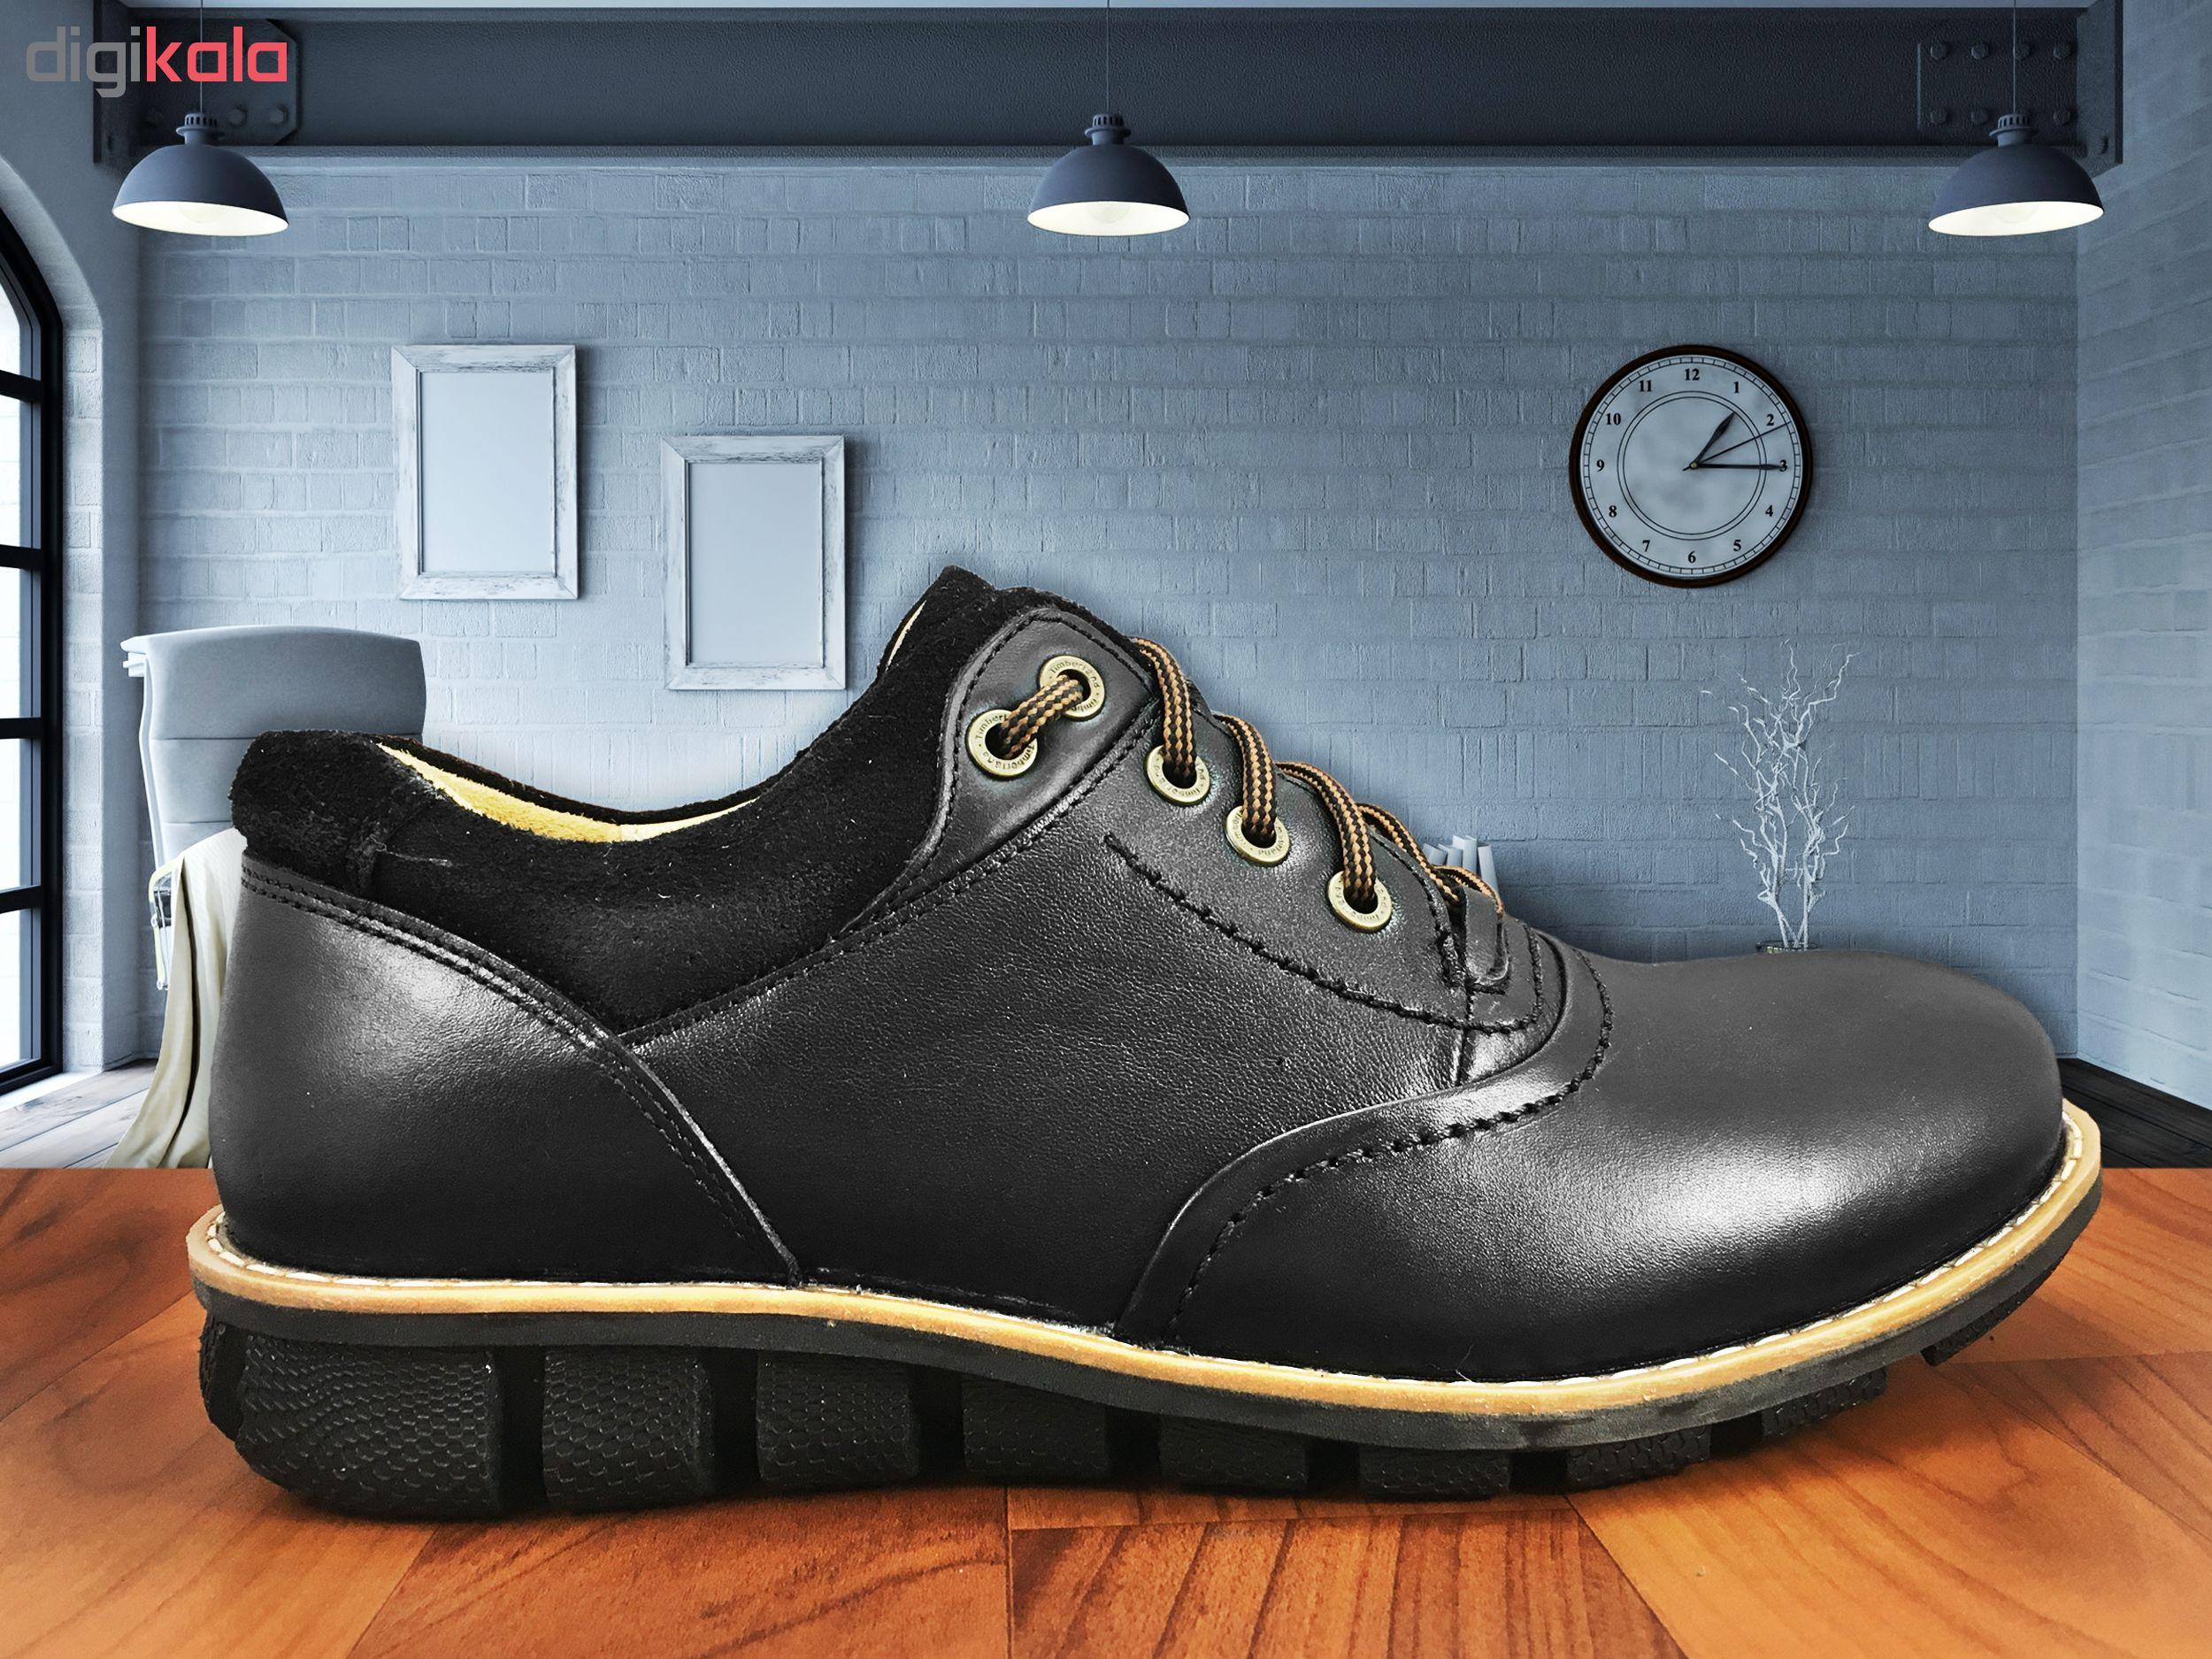 کفش مردانه البرز مدل آلفرد کد 3745